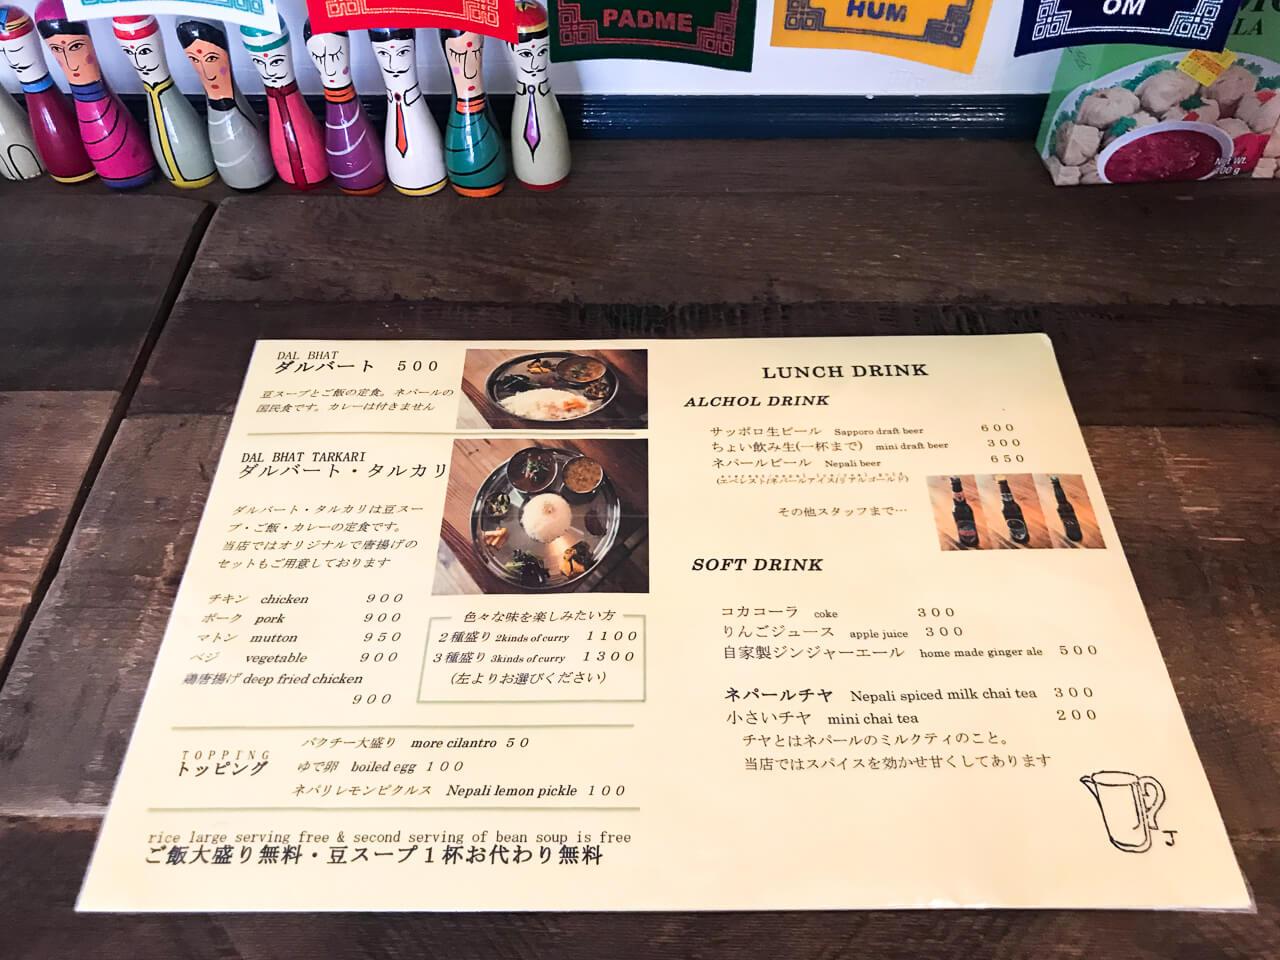 鎌倉のネパール料理ジジコ メニュー